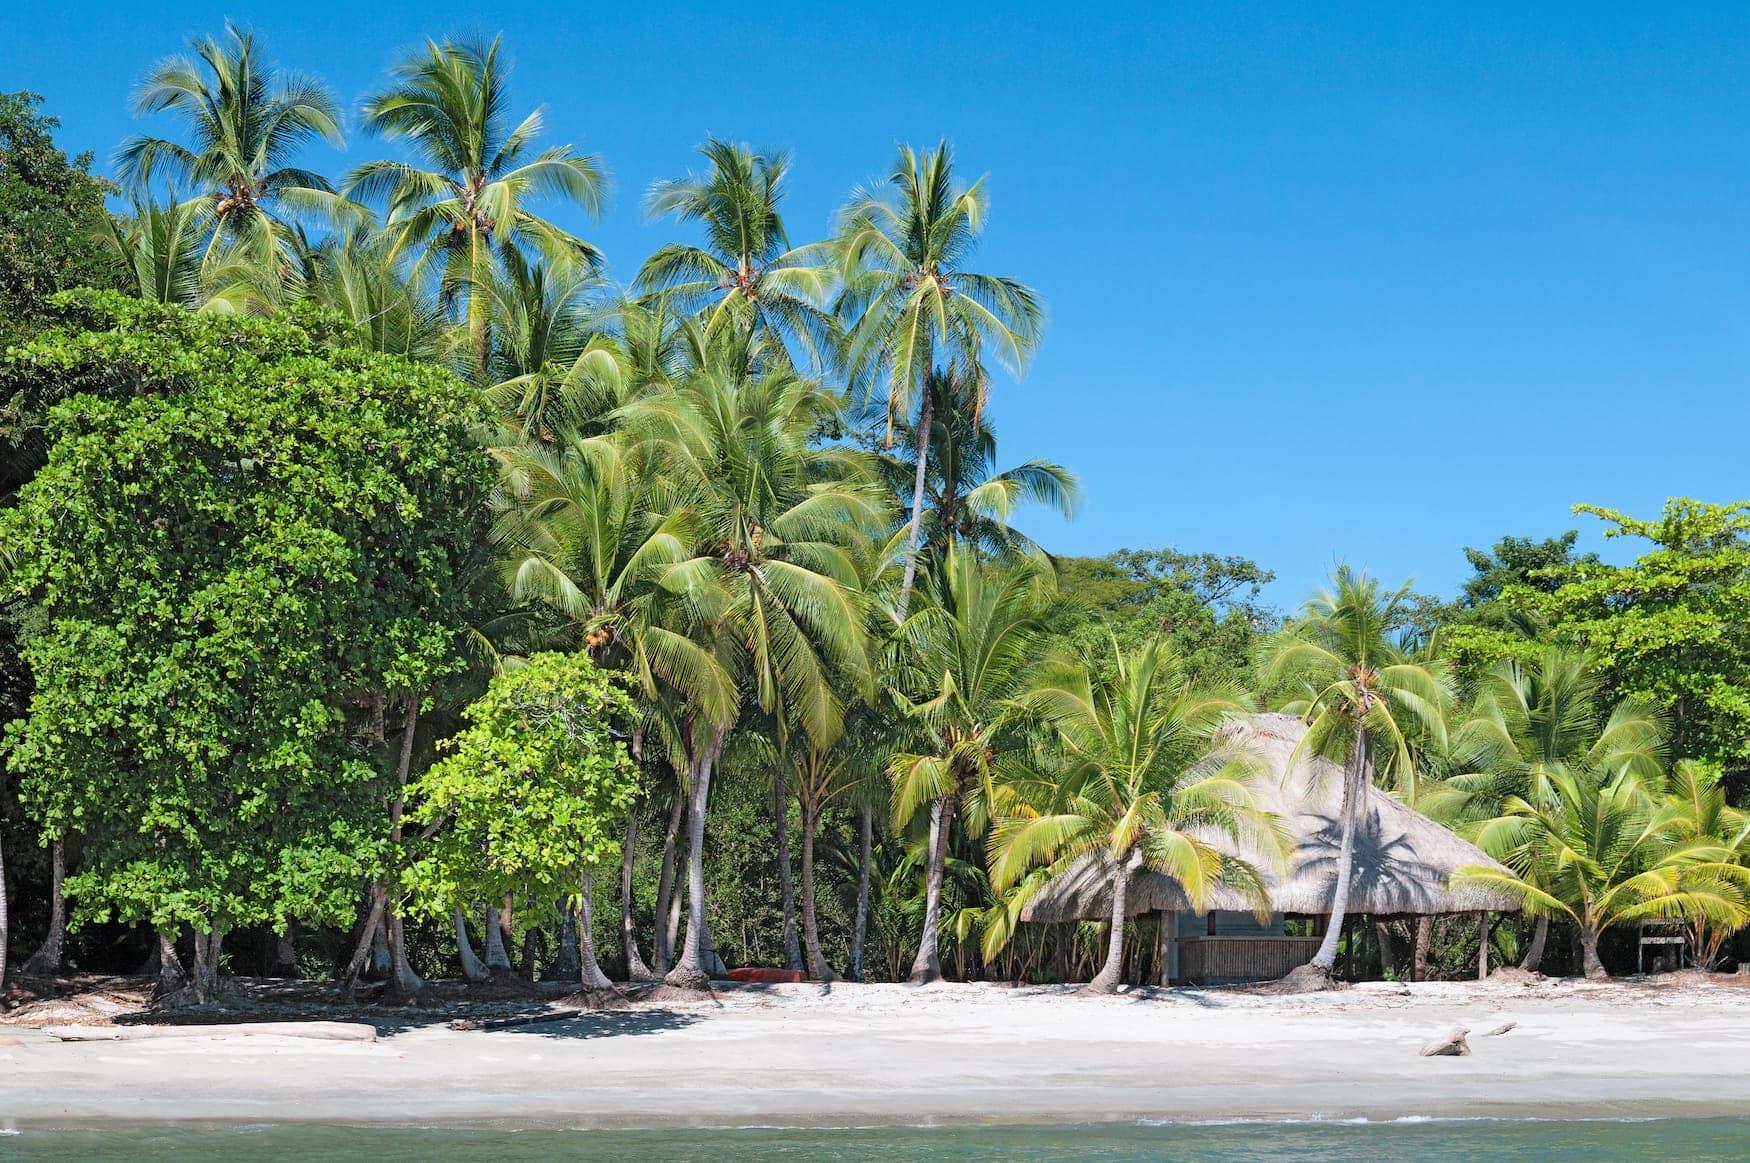 Insel im Golf von Chiriqui, Panama